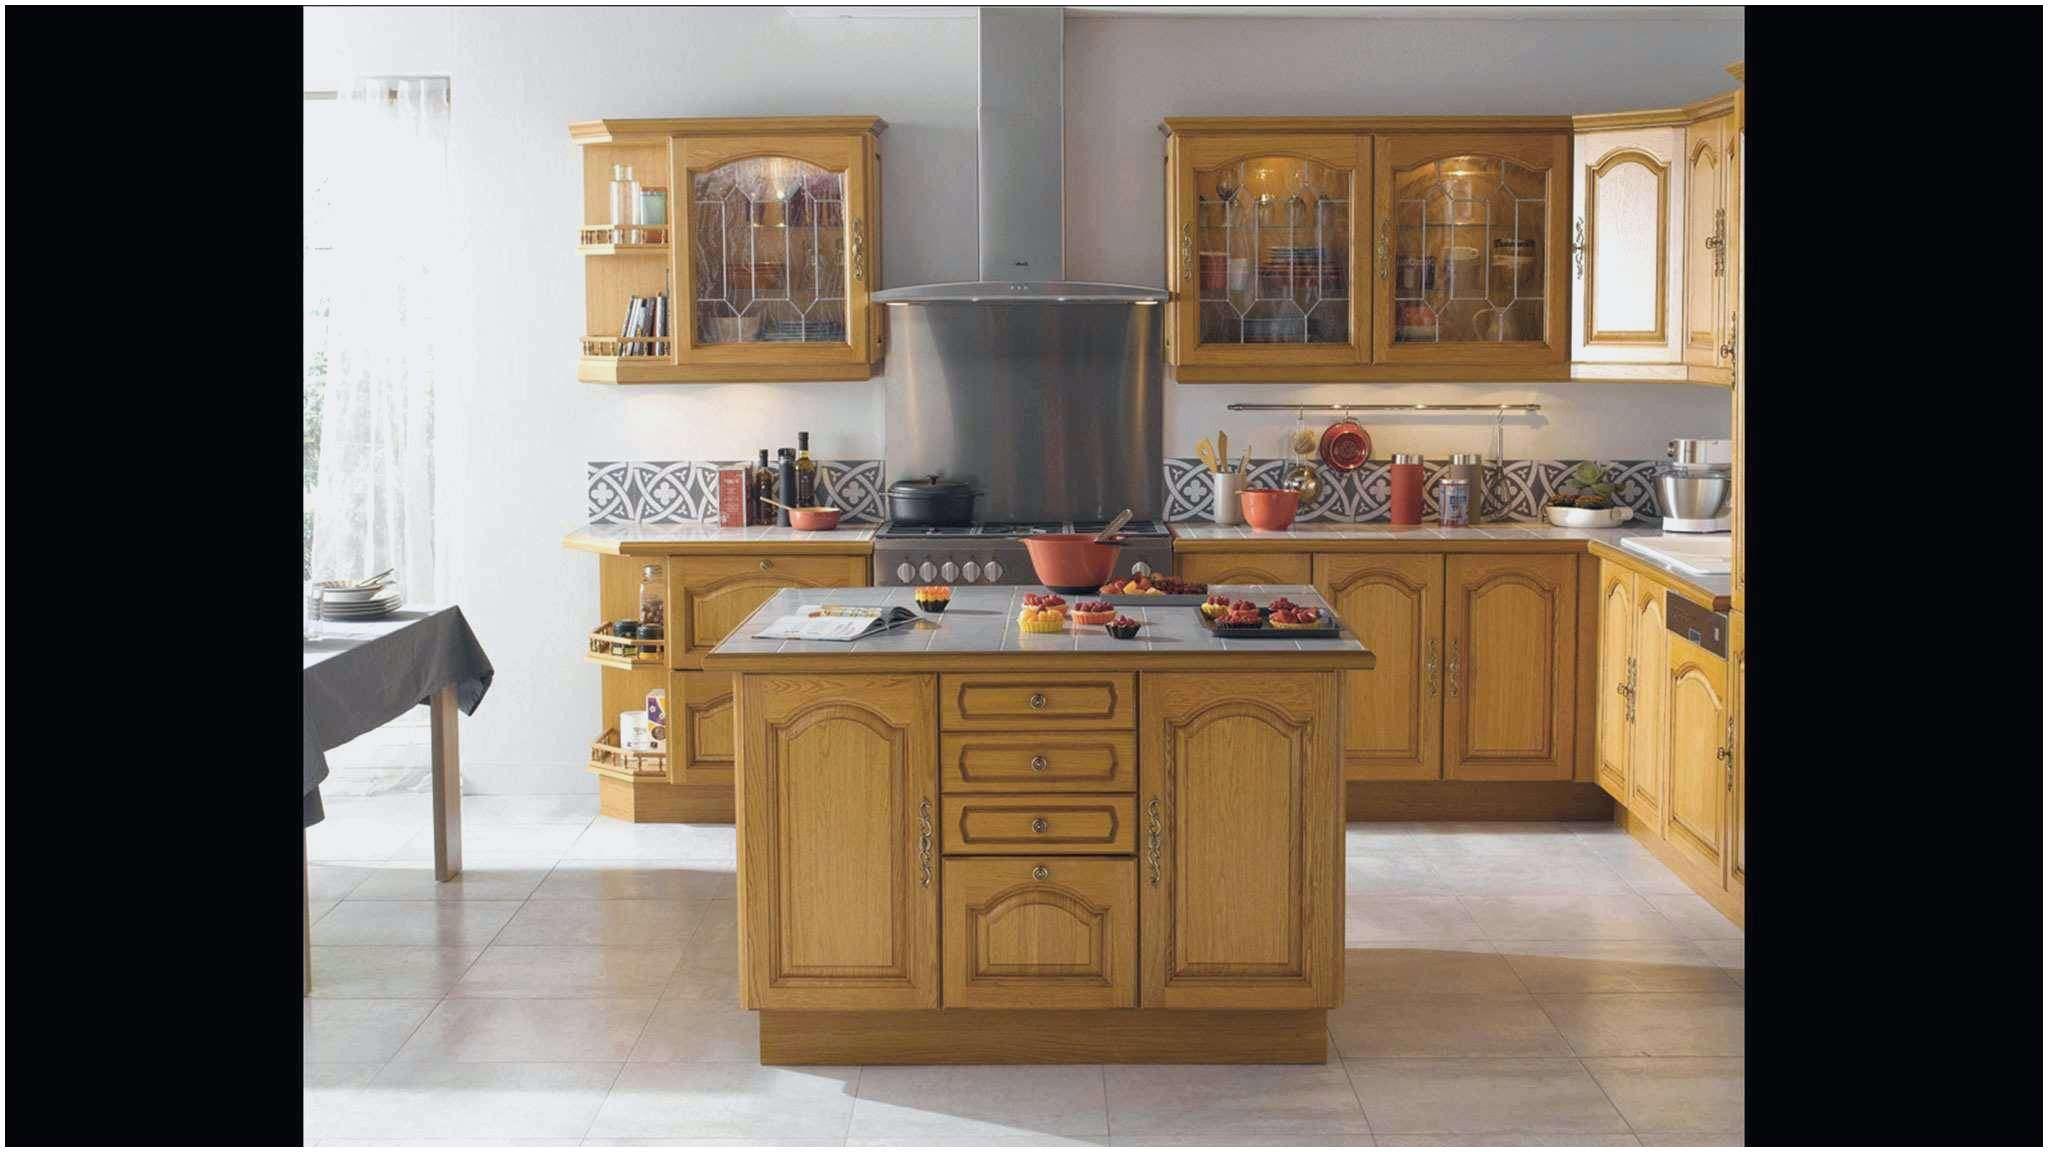 Magasin Meuble Plan De Campagne Impressionnant Inspire Ubaud Plan De Campagne Beau Meuble Plan De Travail Cuisine De Kitchen Design Cool Furniture Cuisine Deco